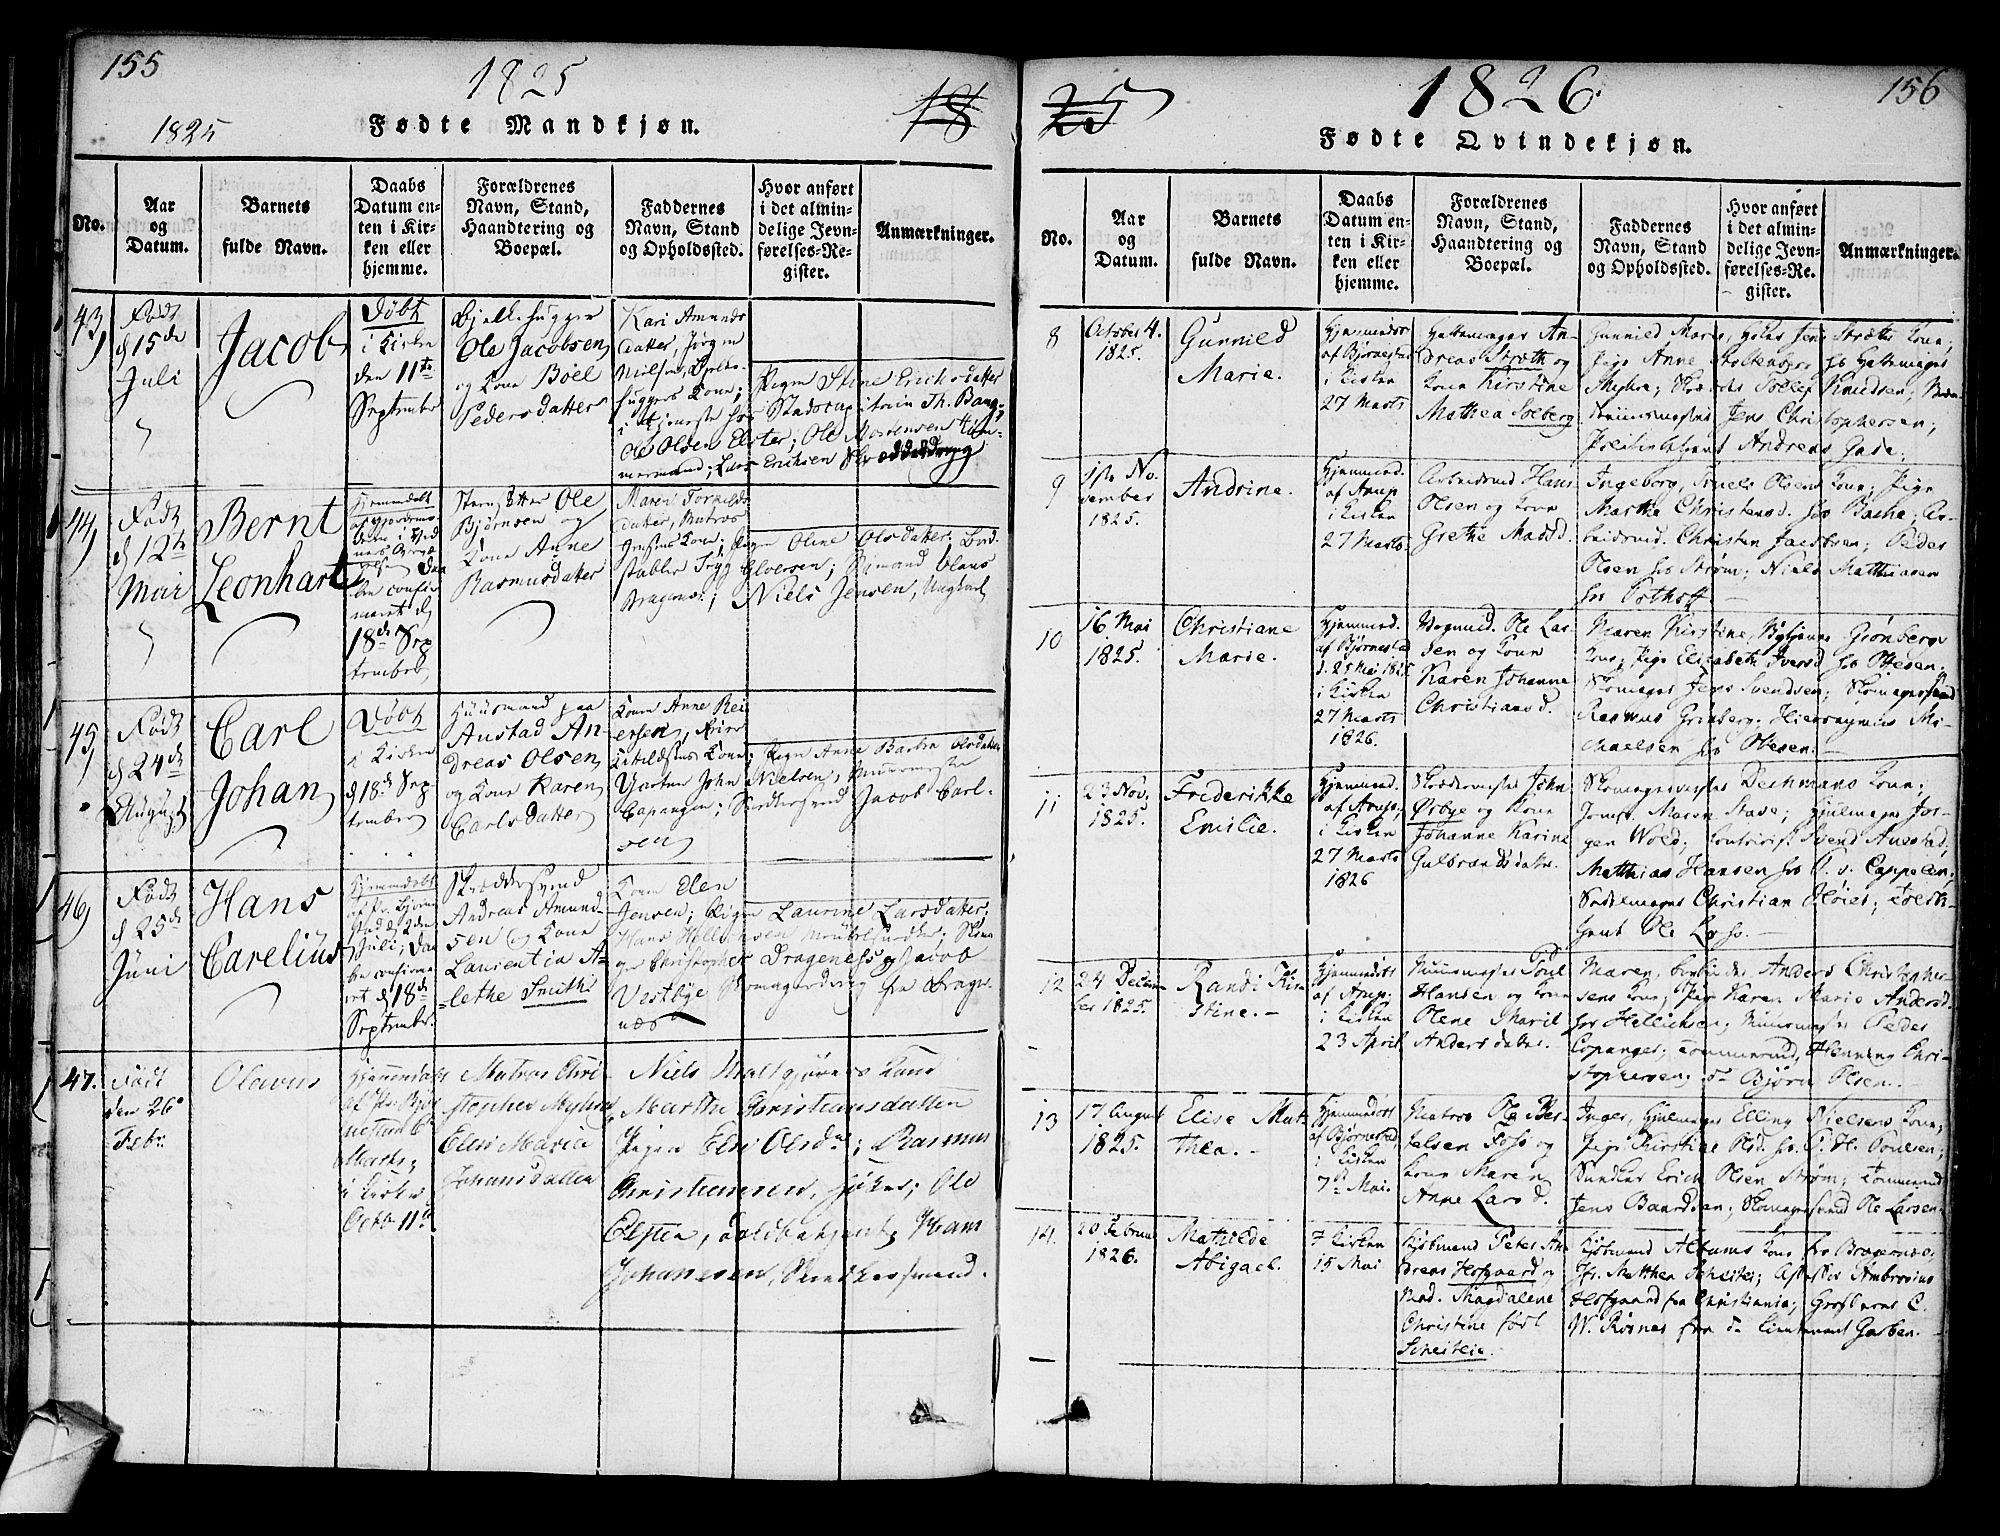 SAKO, Strømsø kirkebøker, F/Fa/L0011: Ministerialbok nr. I 11, 1815-1829, s. 155-156